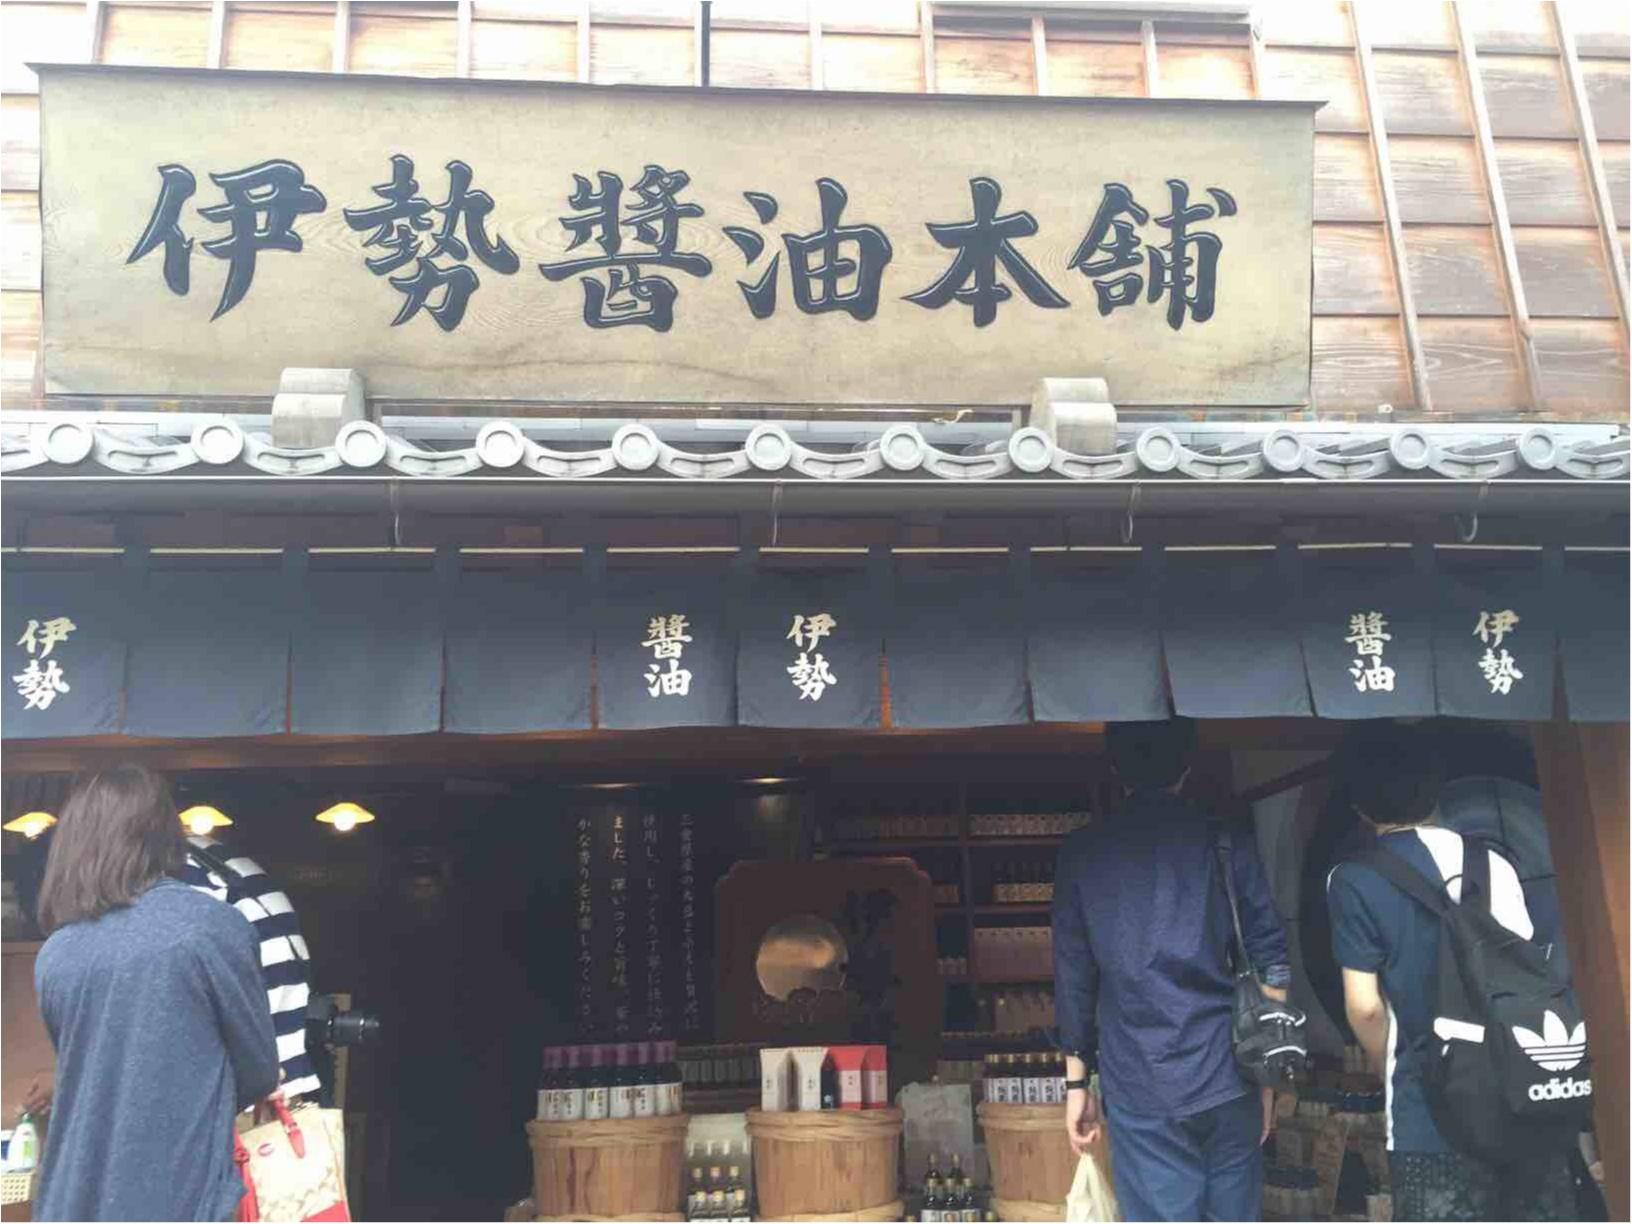 伊勢神宮&名古屋Trip♡伊勢神宮周辺のオススメスポット(๑╹ڡ╹)≪samenyan≫_10